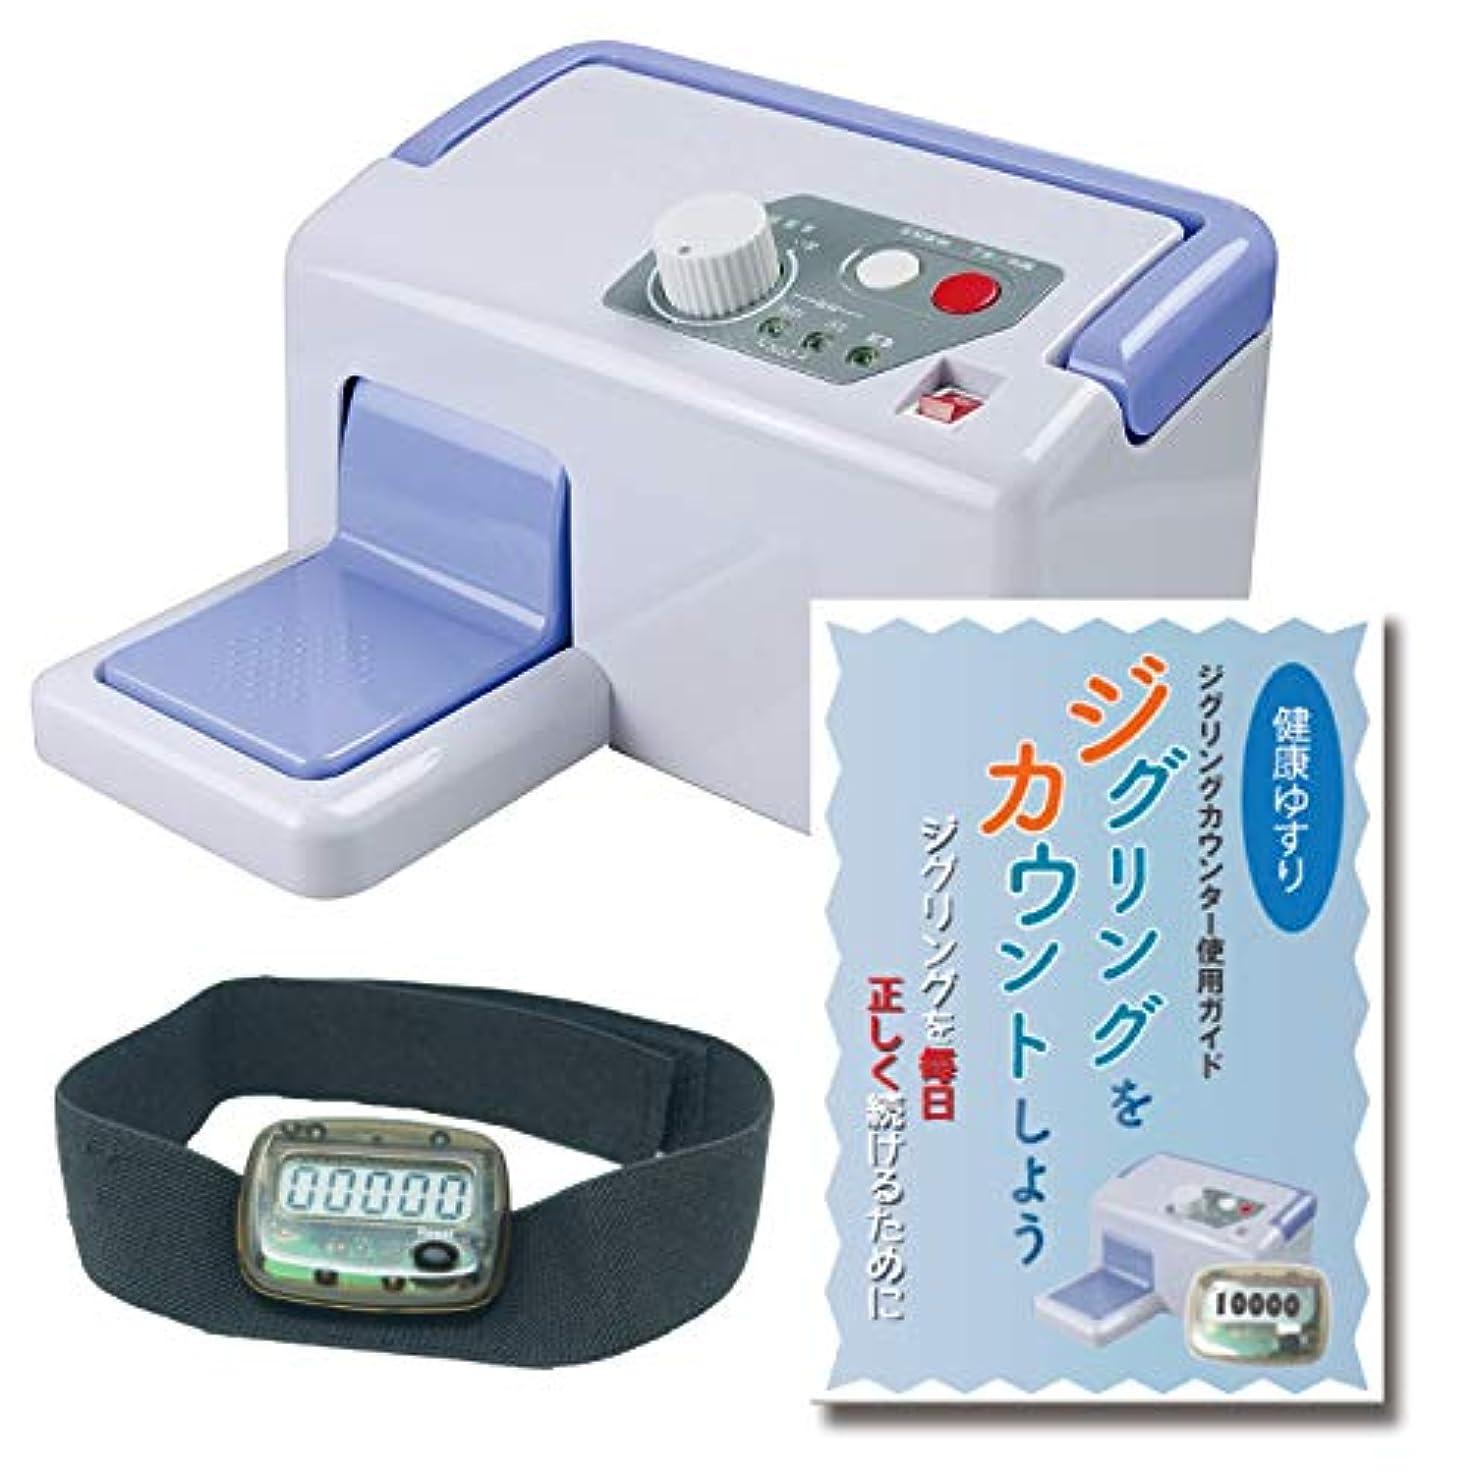 切る豊富感嘆らくらくびんぼうゆすり ジグリングマシン 健康ゆすり JMH-100 ジグリングカウンター 徹底活用ガイド カウンター使用ガイド 4点セット